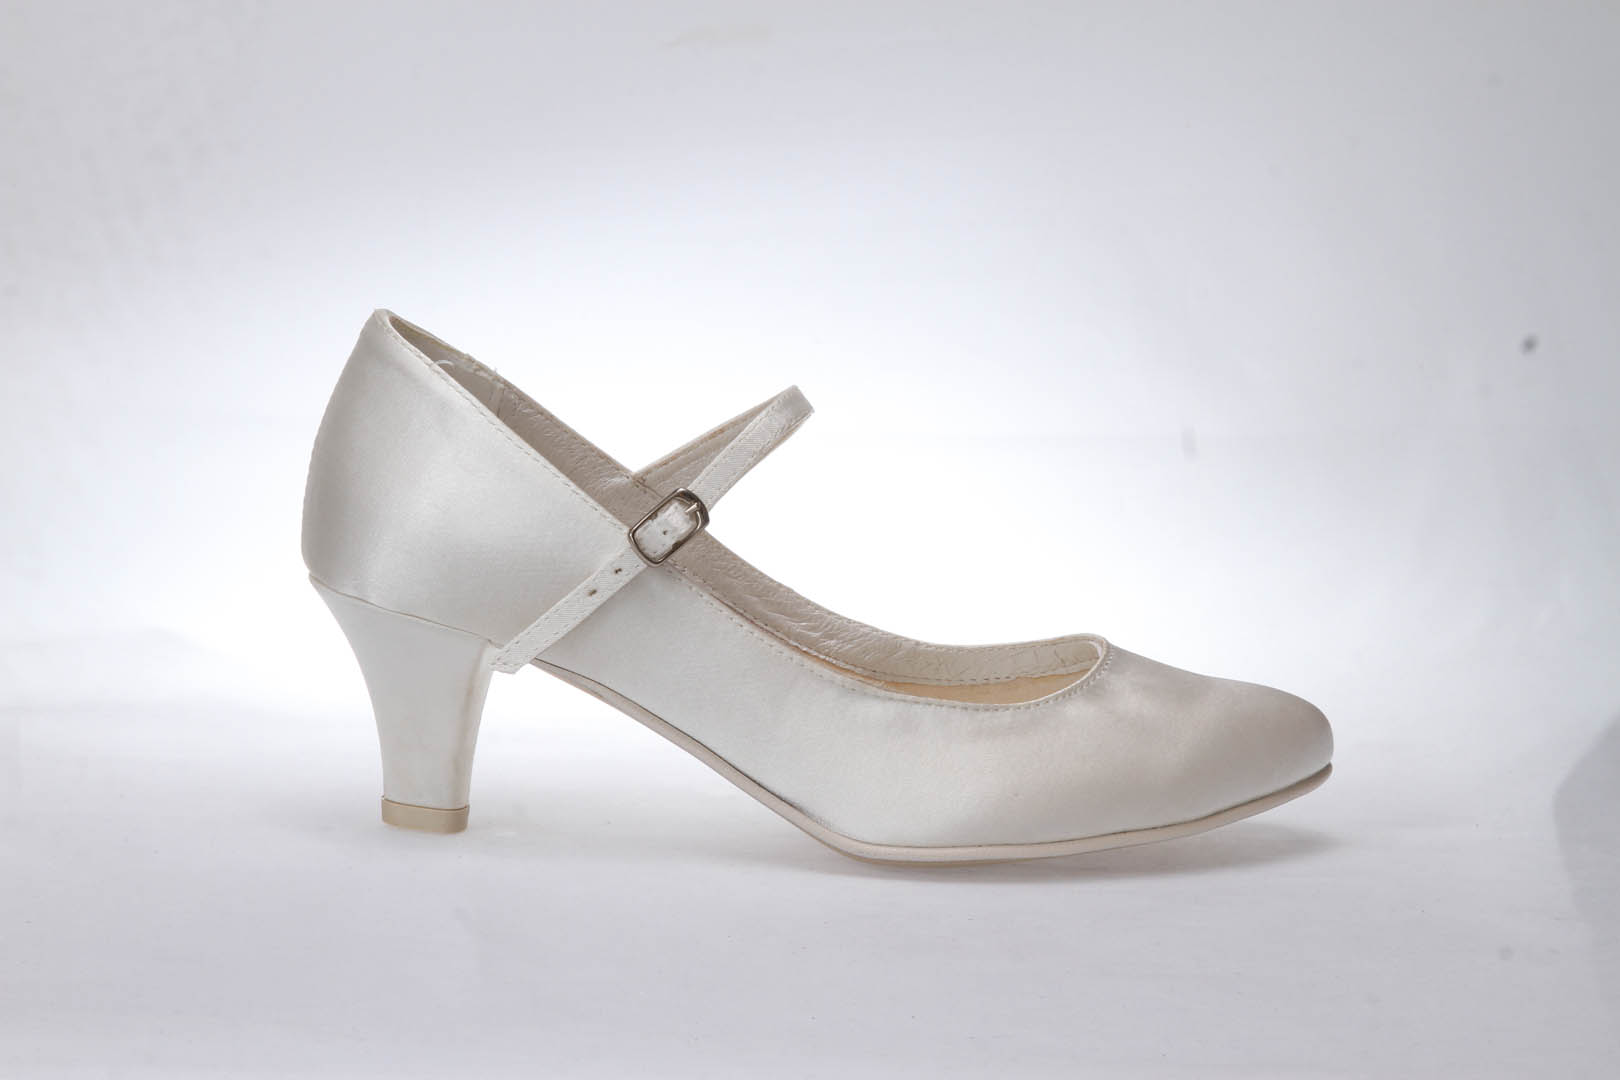 Svatební boty GRAF 1503 - Satén ivory f65b7522f0